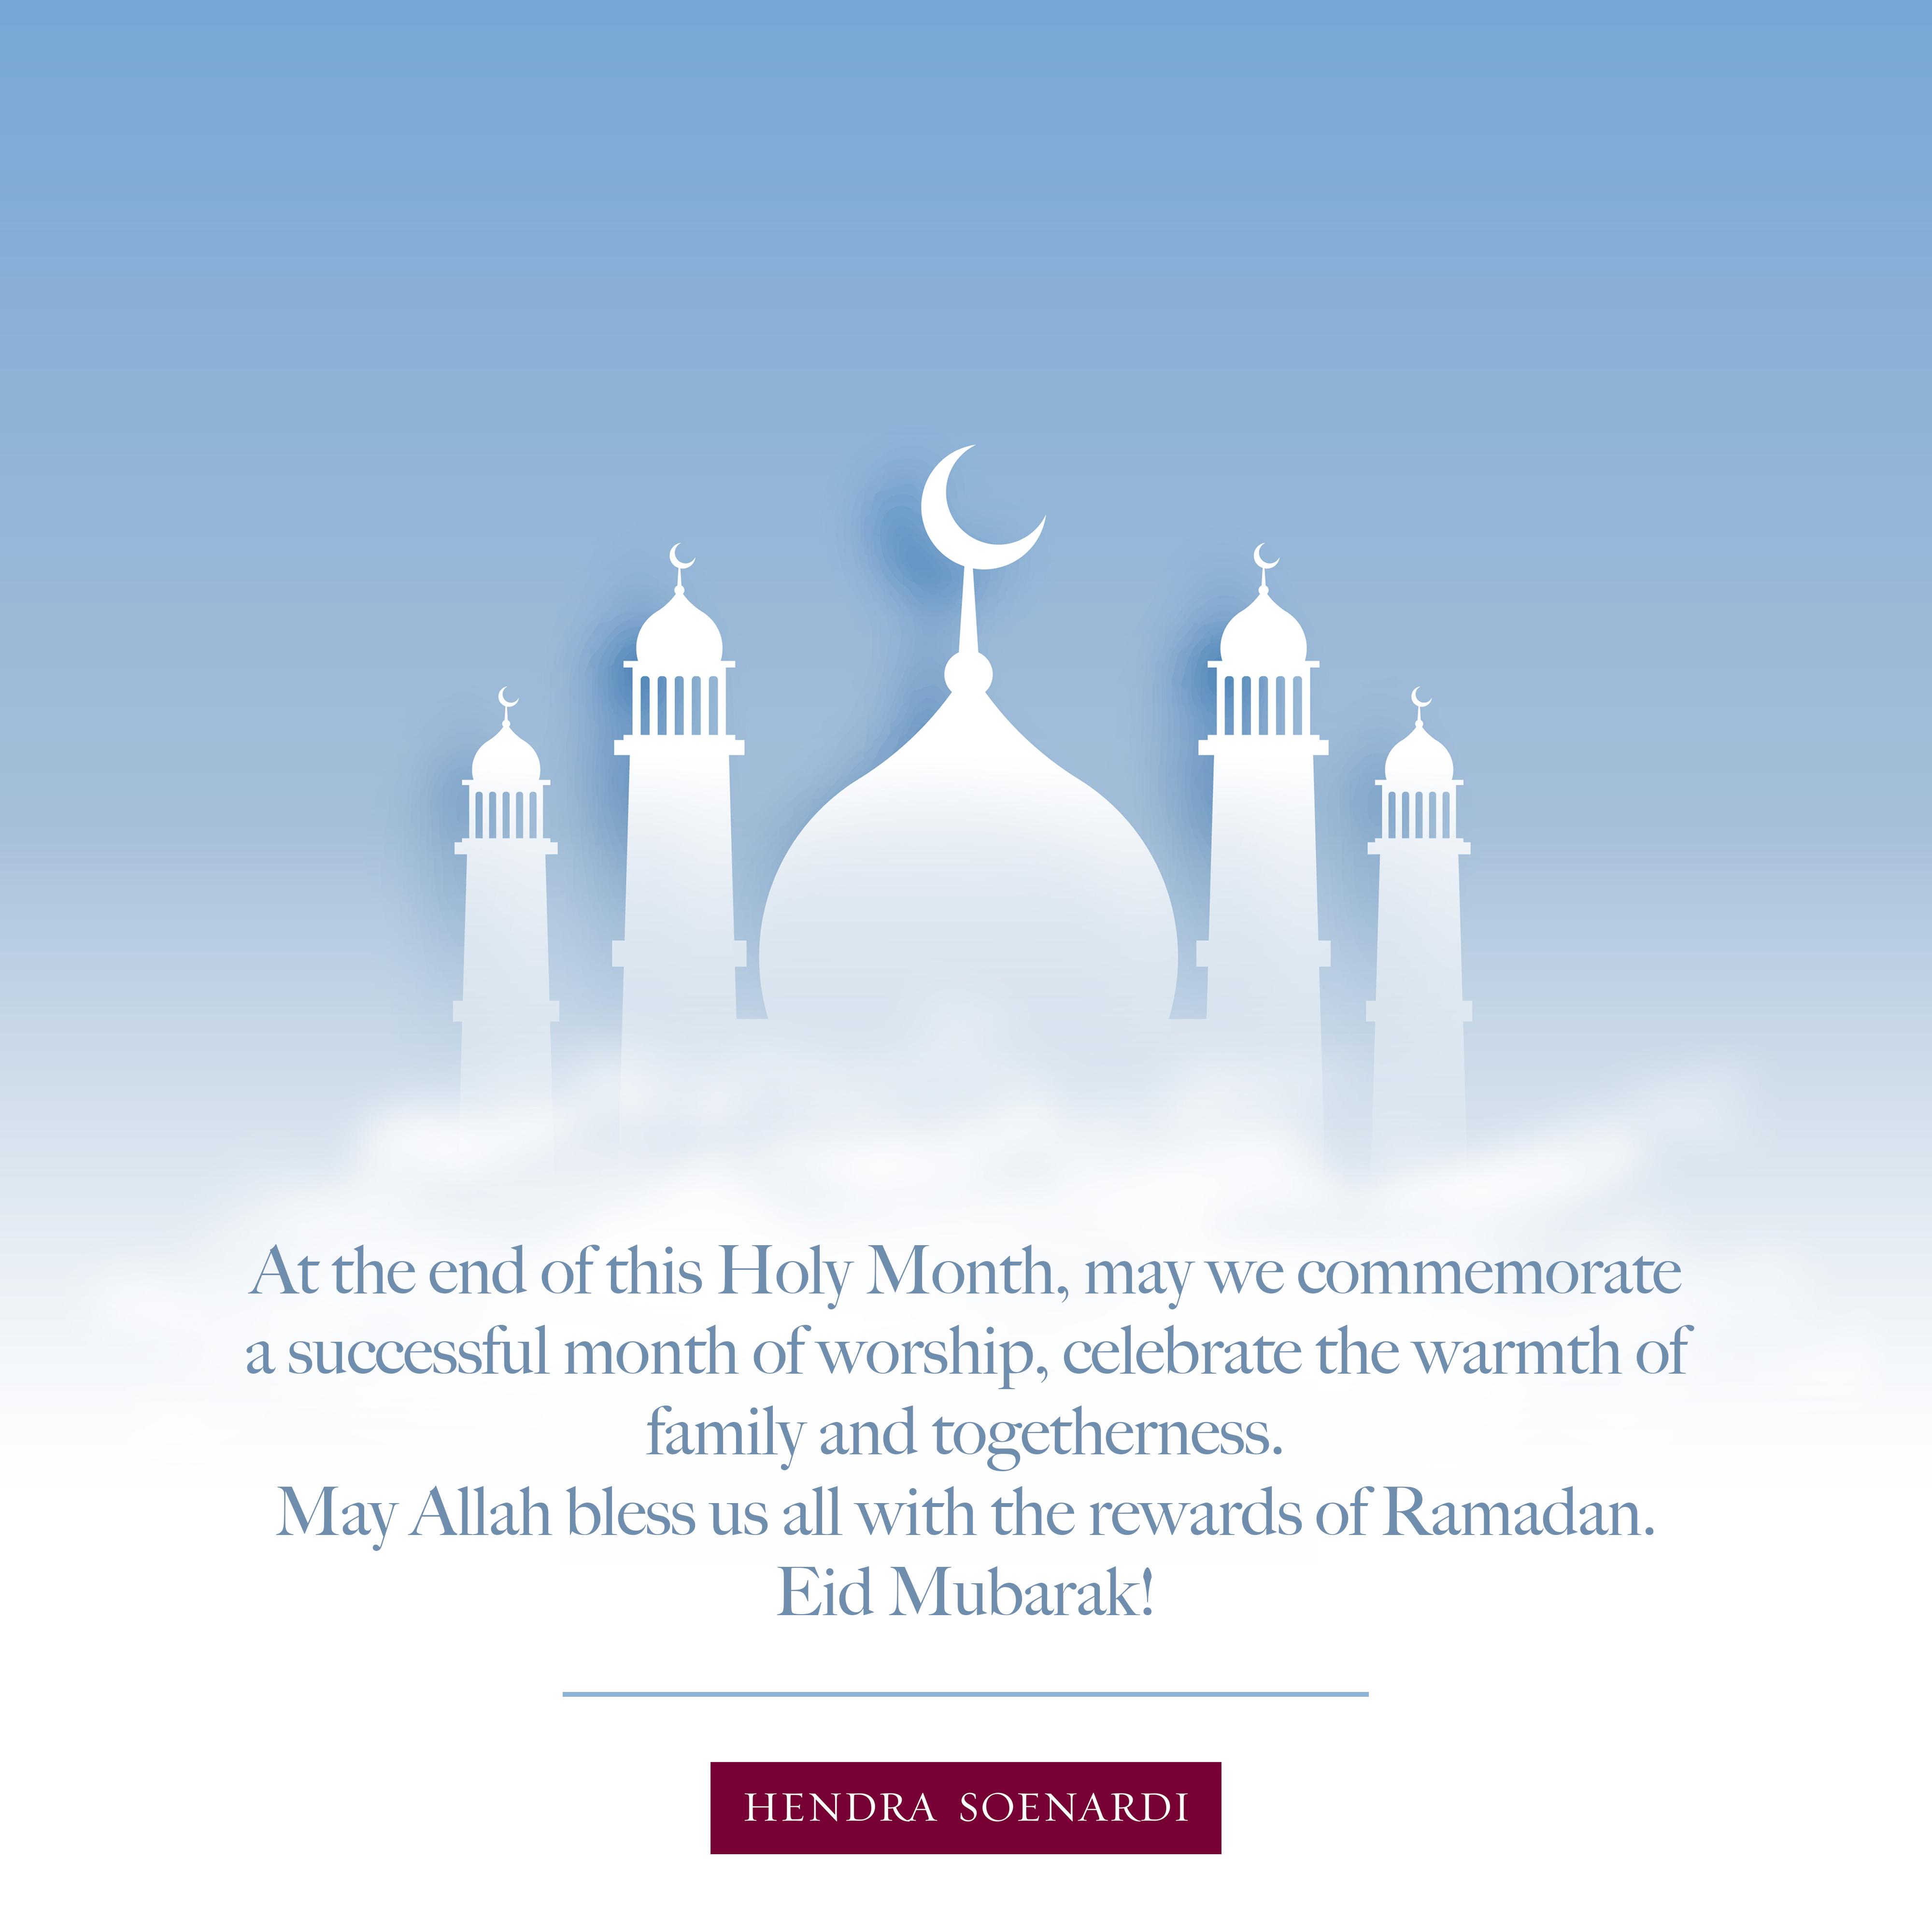 Eid Mubarak 1441 Hijriyah!